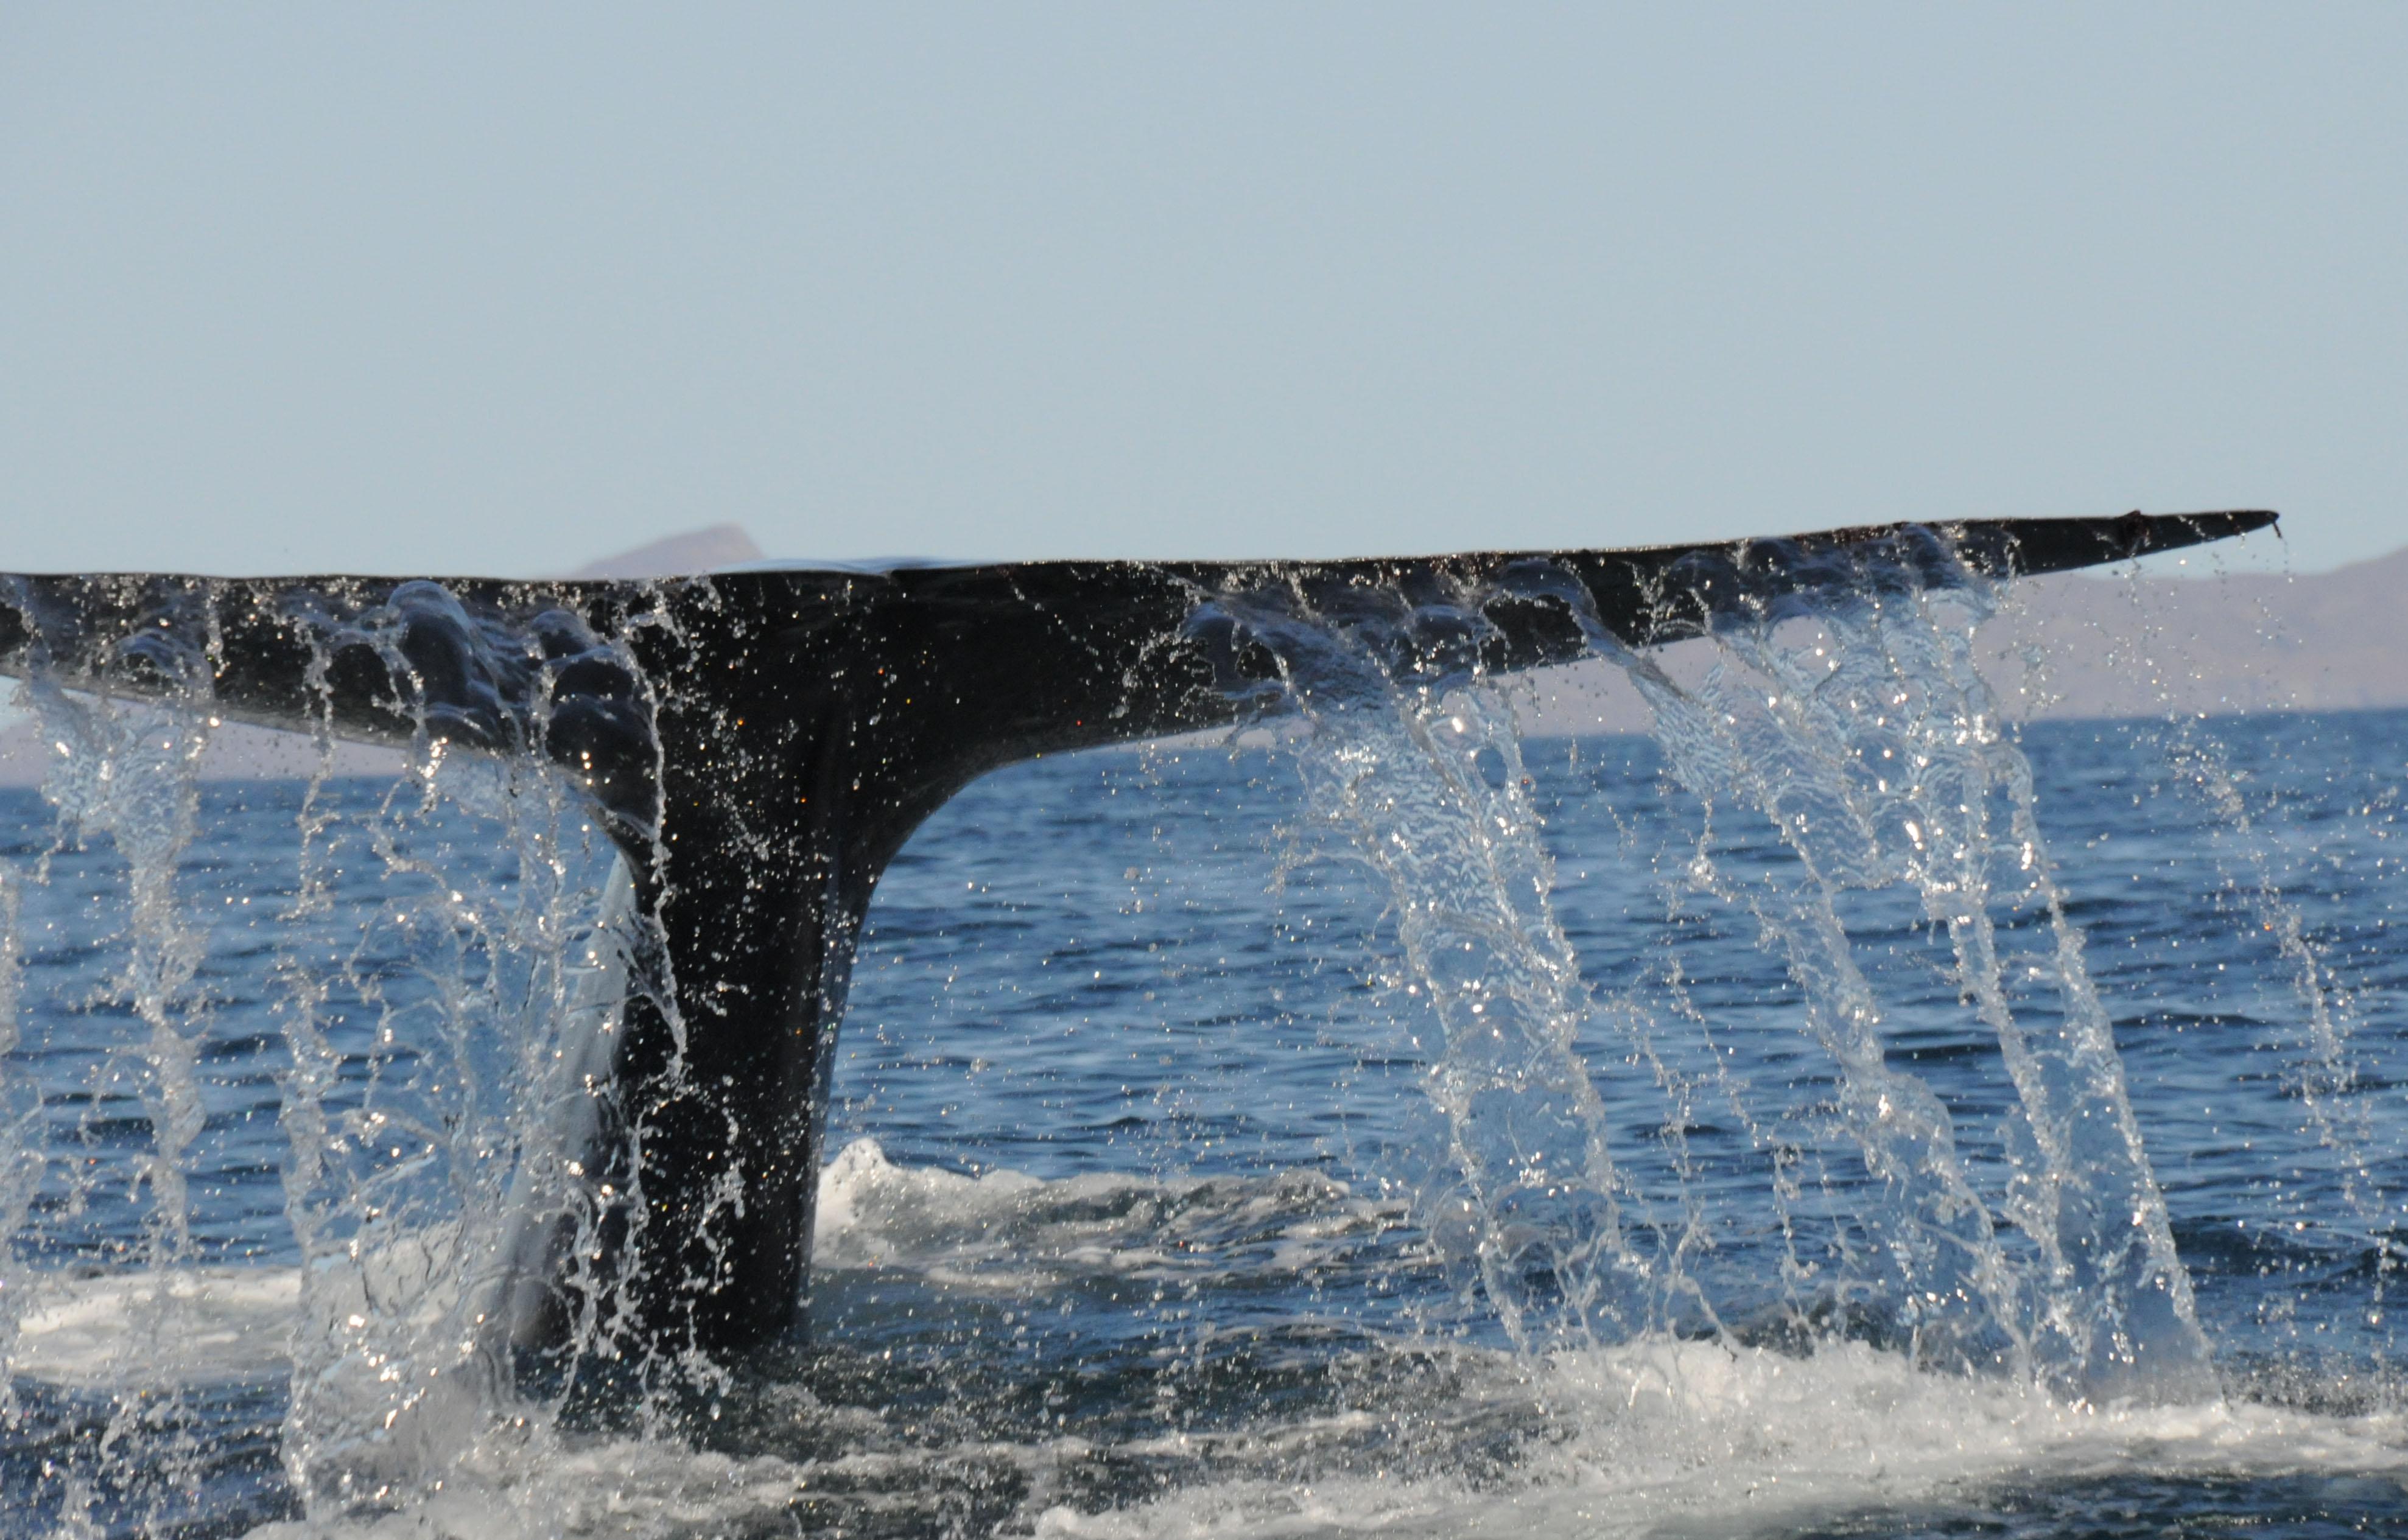 http://www.beautiful-nature.net/travels/DSC_0053-1-3.jpg